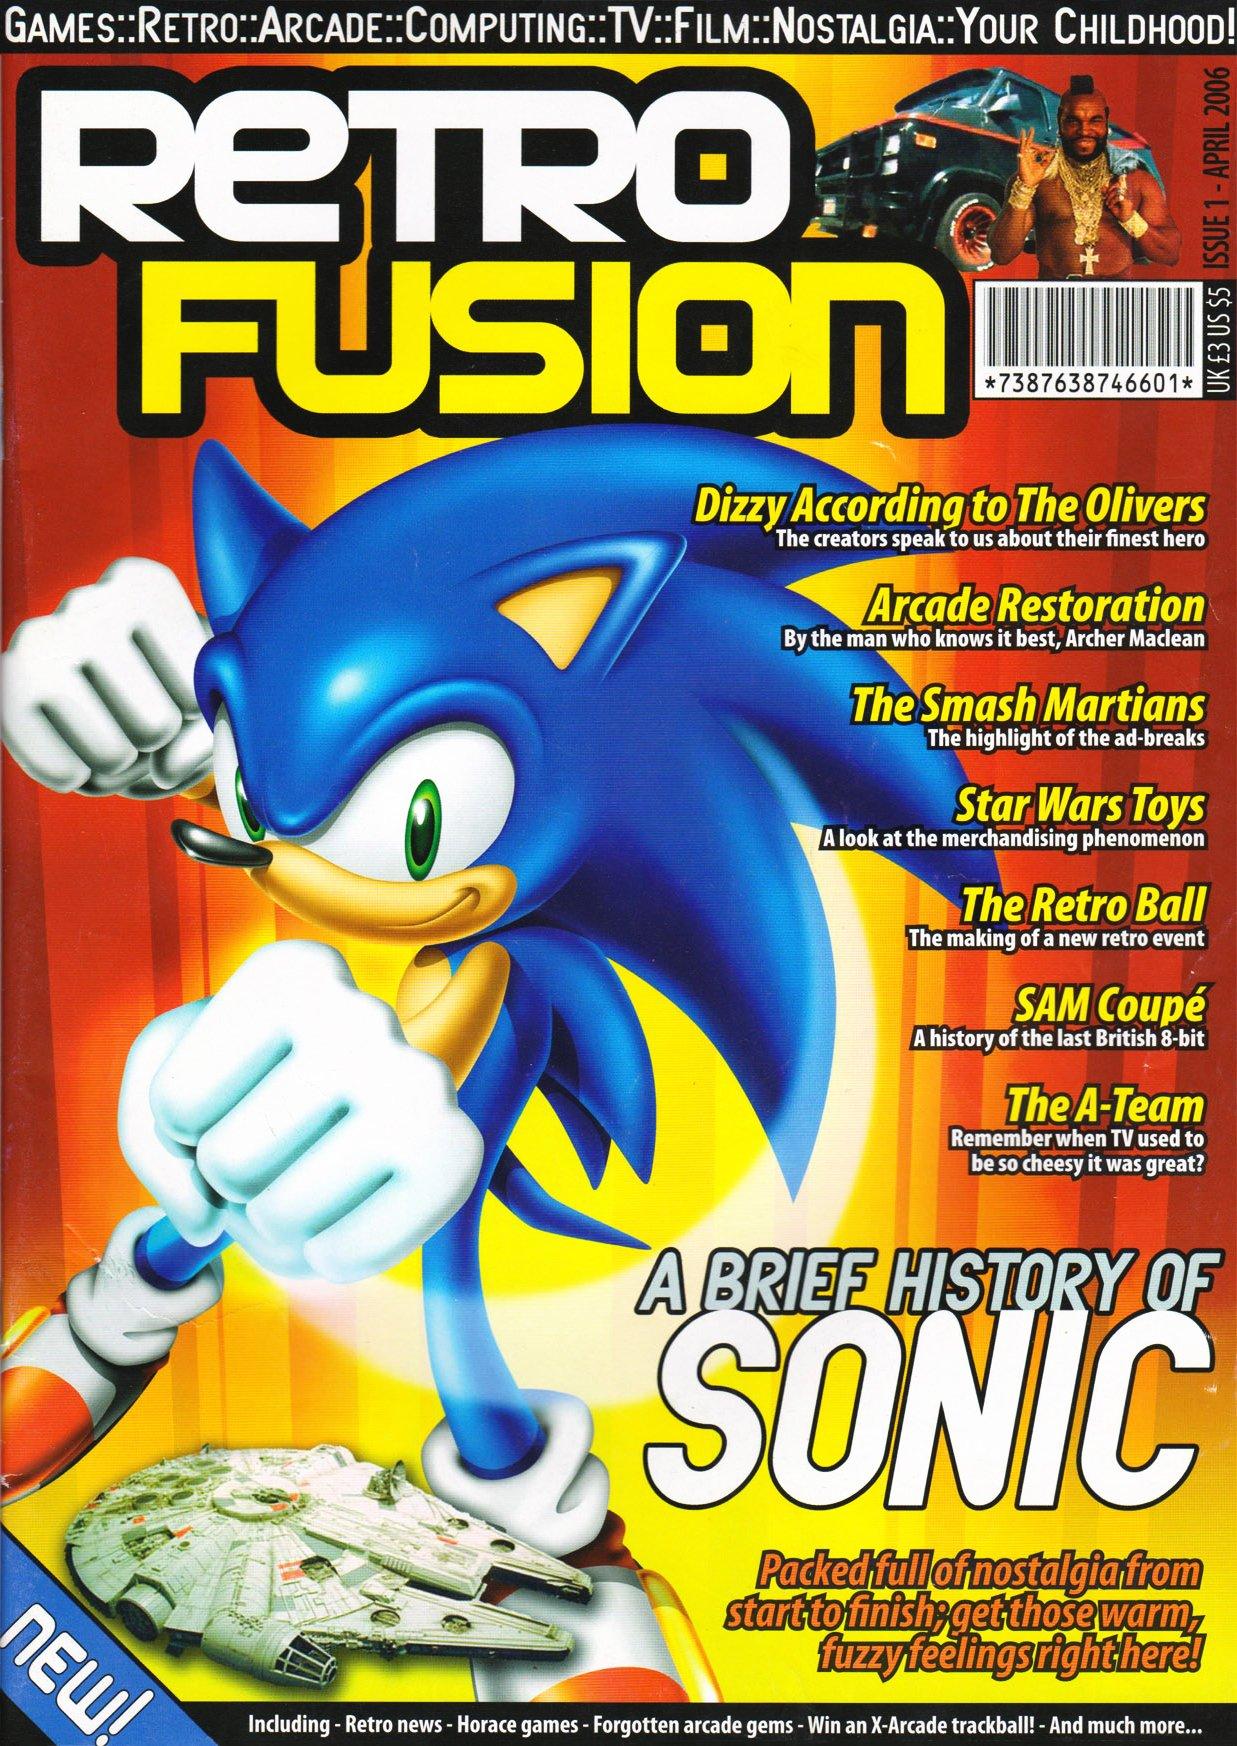 Retro Fusion 1 (April 2006)